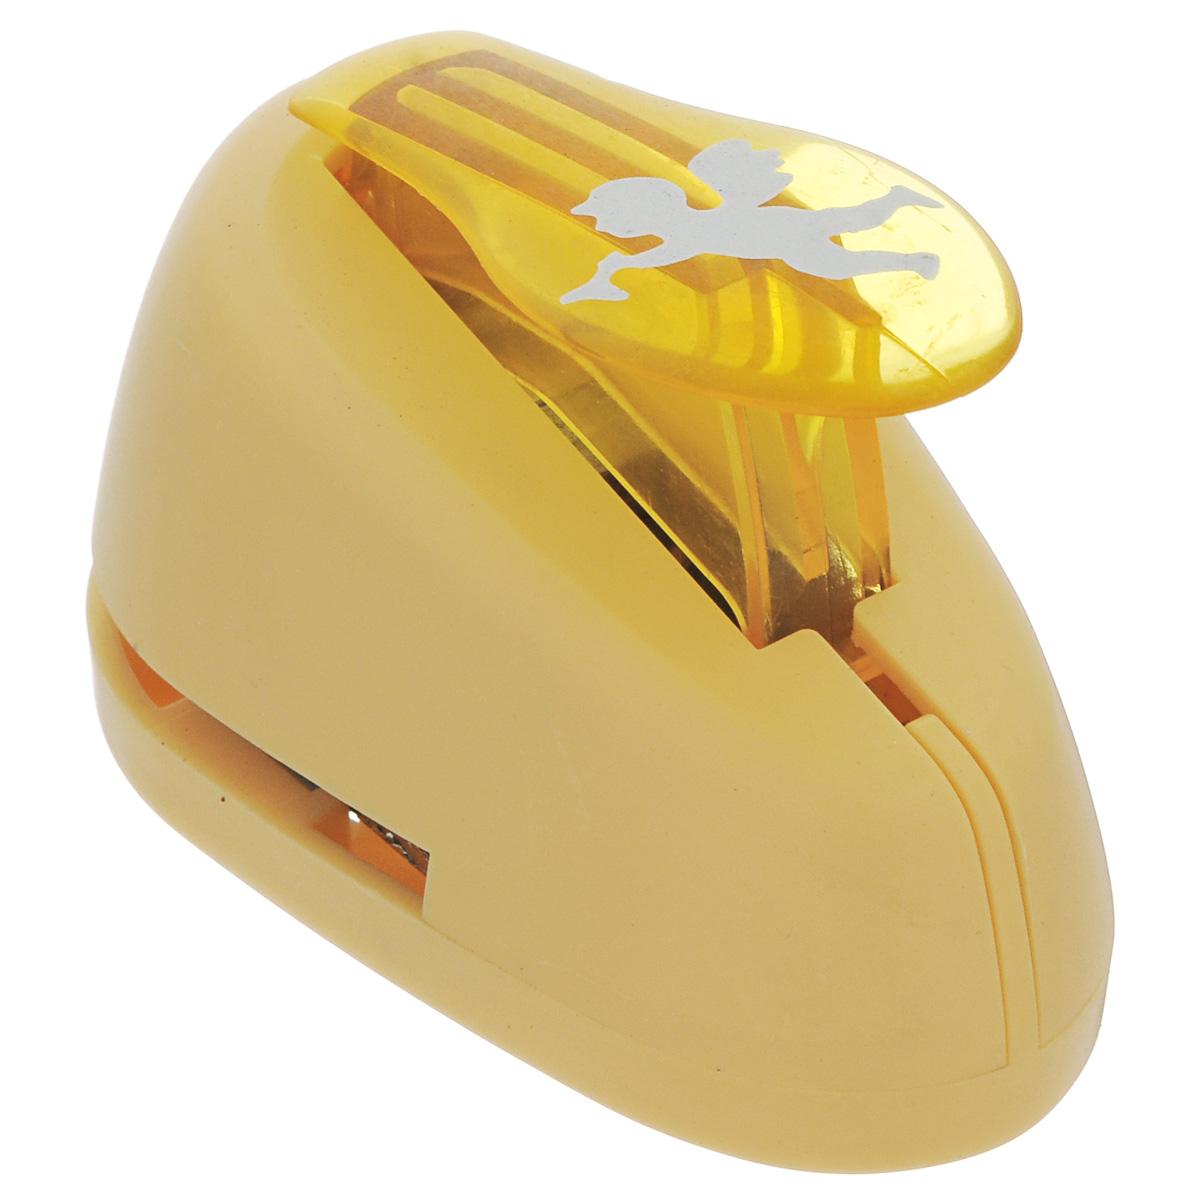 Дырокол фигурный Астра Ангел. 7709605_17709605_1 - ангелДырокол Астра Ангел, изготовленный из прочного металла и пластика, поможет вам легко, просто и аккуратно вырезать много одинаковых мелких фигурок. Режущие части компостера закрыты пластиковым корпусом, что обеспечивает безопасность для детей. Вырезанные фигурки в виде ангелов накапливаются в специальном резервуаре.Можно использовать вырезанные мотивы как конфетти или для наклеивания.Дырокол подходит для разных техник: декупажа, скрапбукинга, декорирования.Размер дырокола: 8 см х 5 см х 5 см. Размер готовой фигурки: 2 см х 2,5 см.